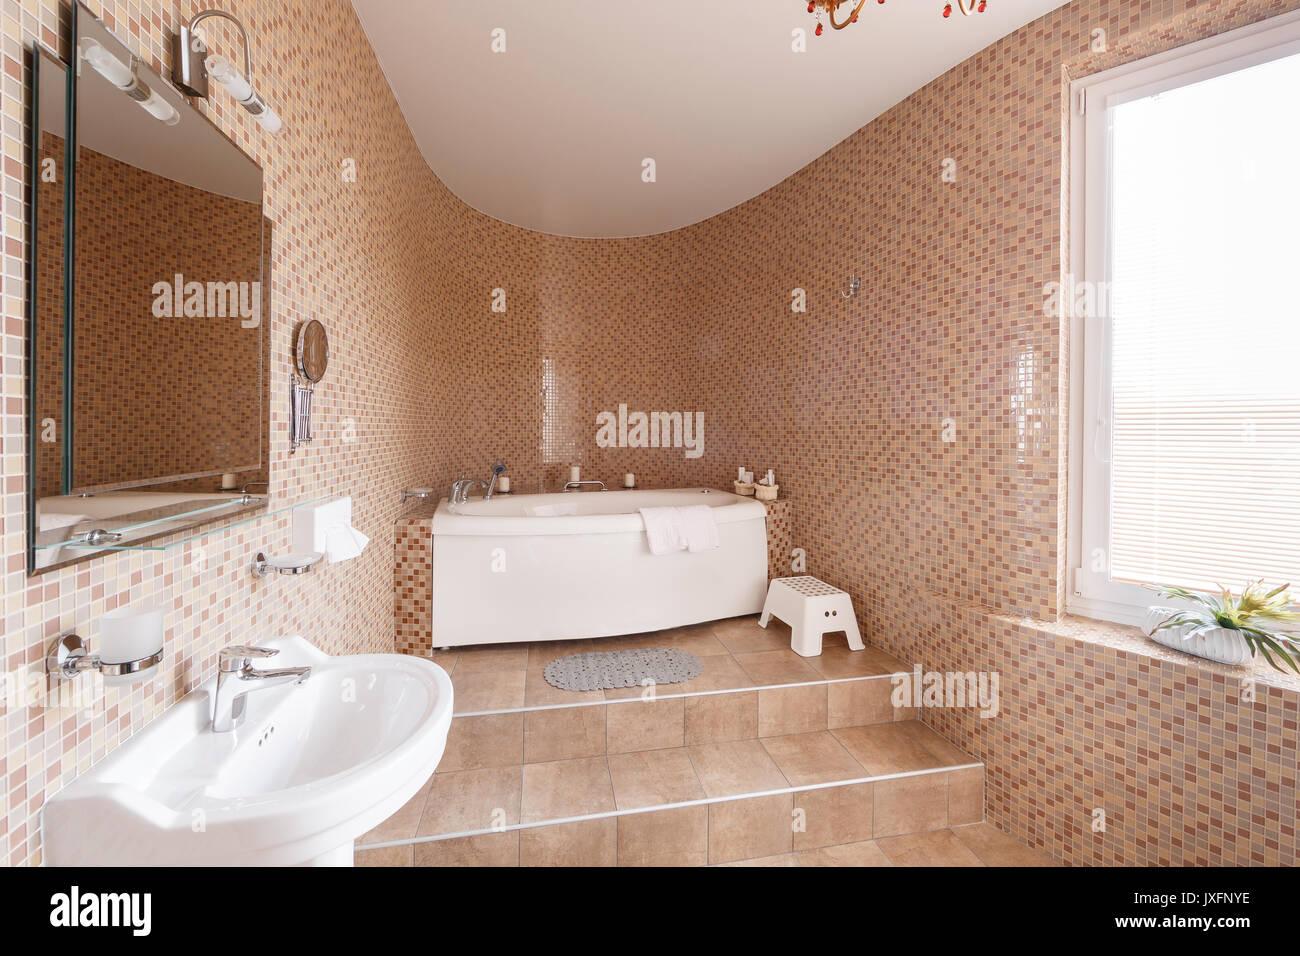 Moderne Luxus Badezimmer Mit Badewanne Und Fenster. Interior Design.